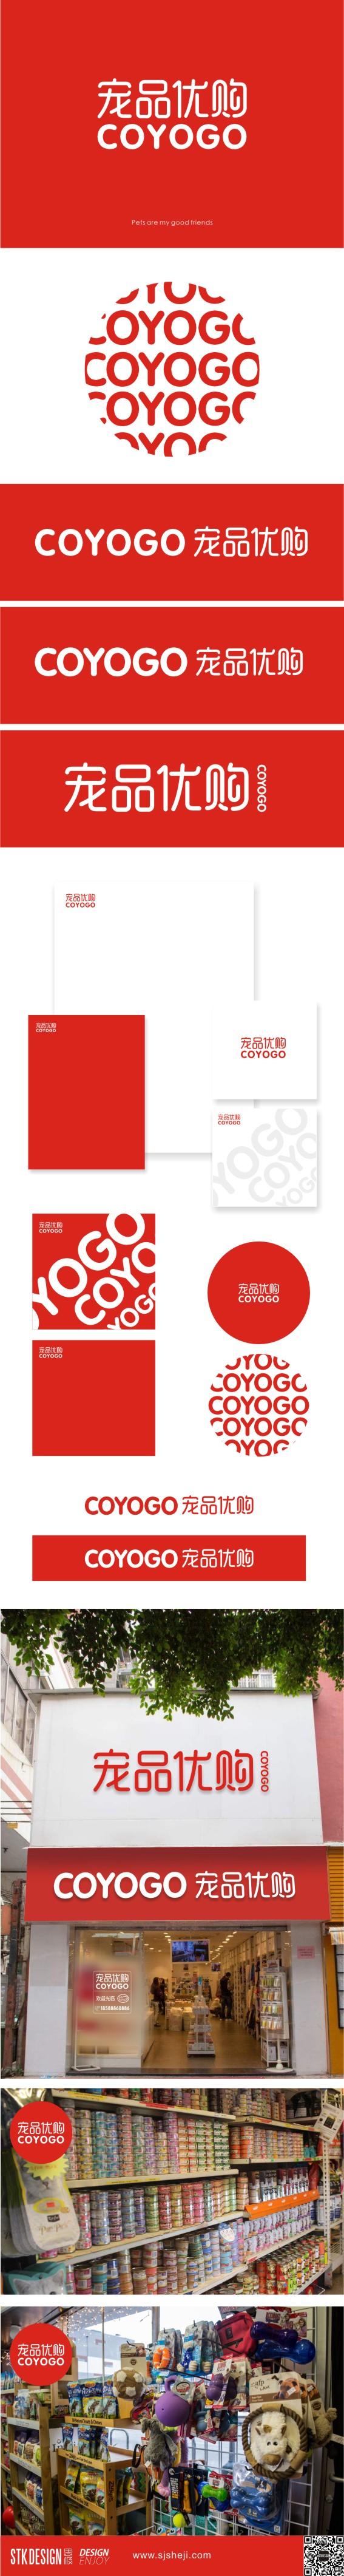 宠品优购logo设计